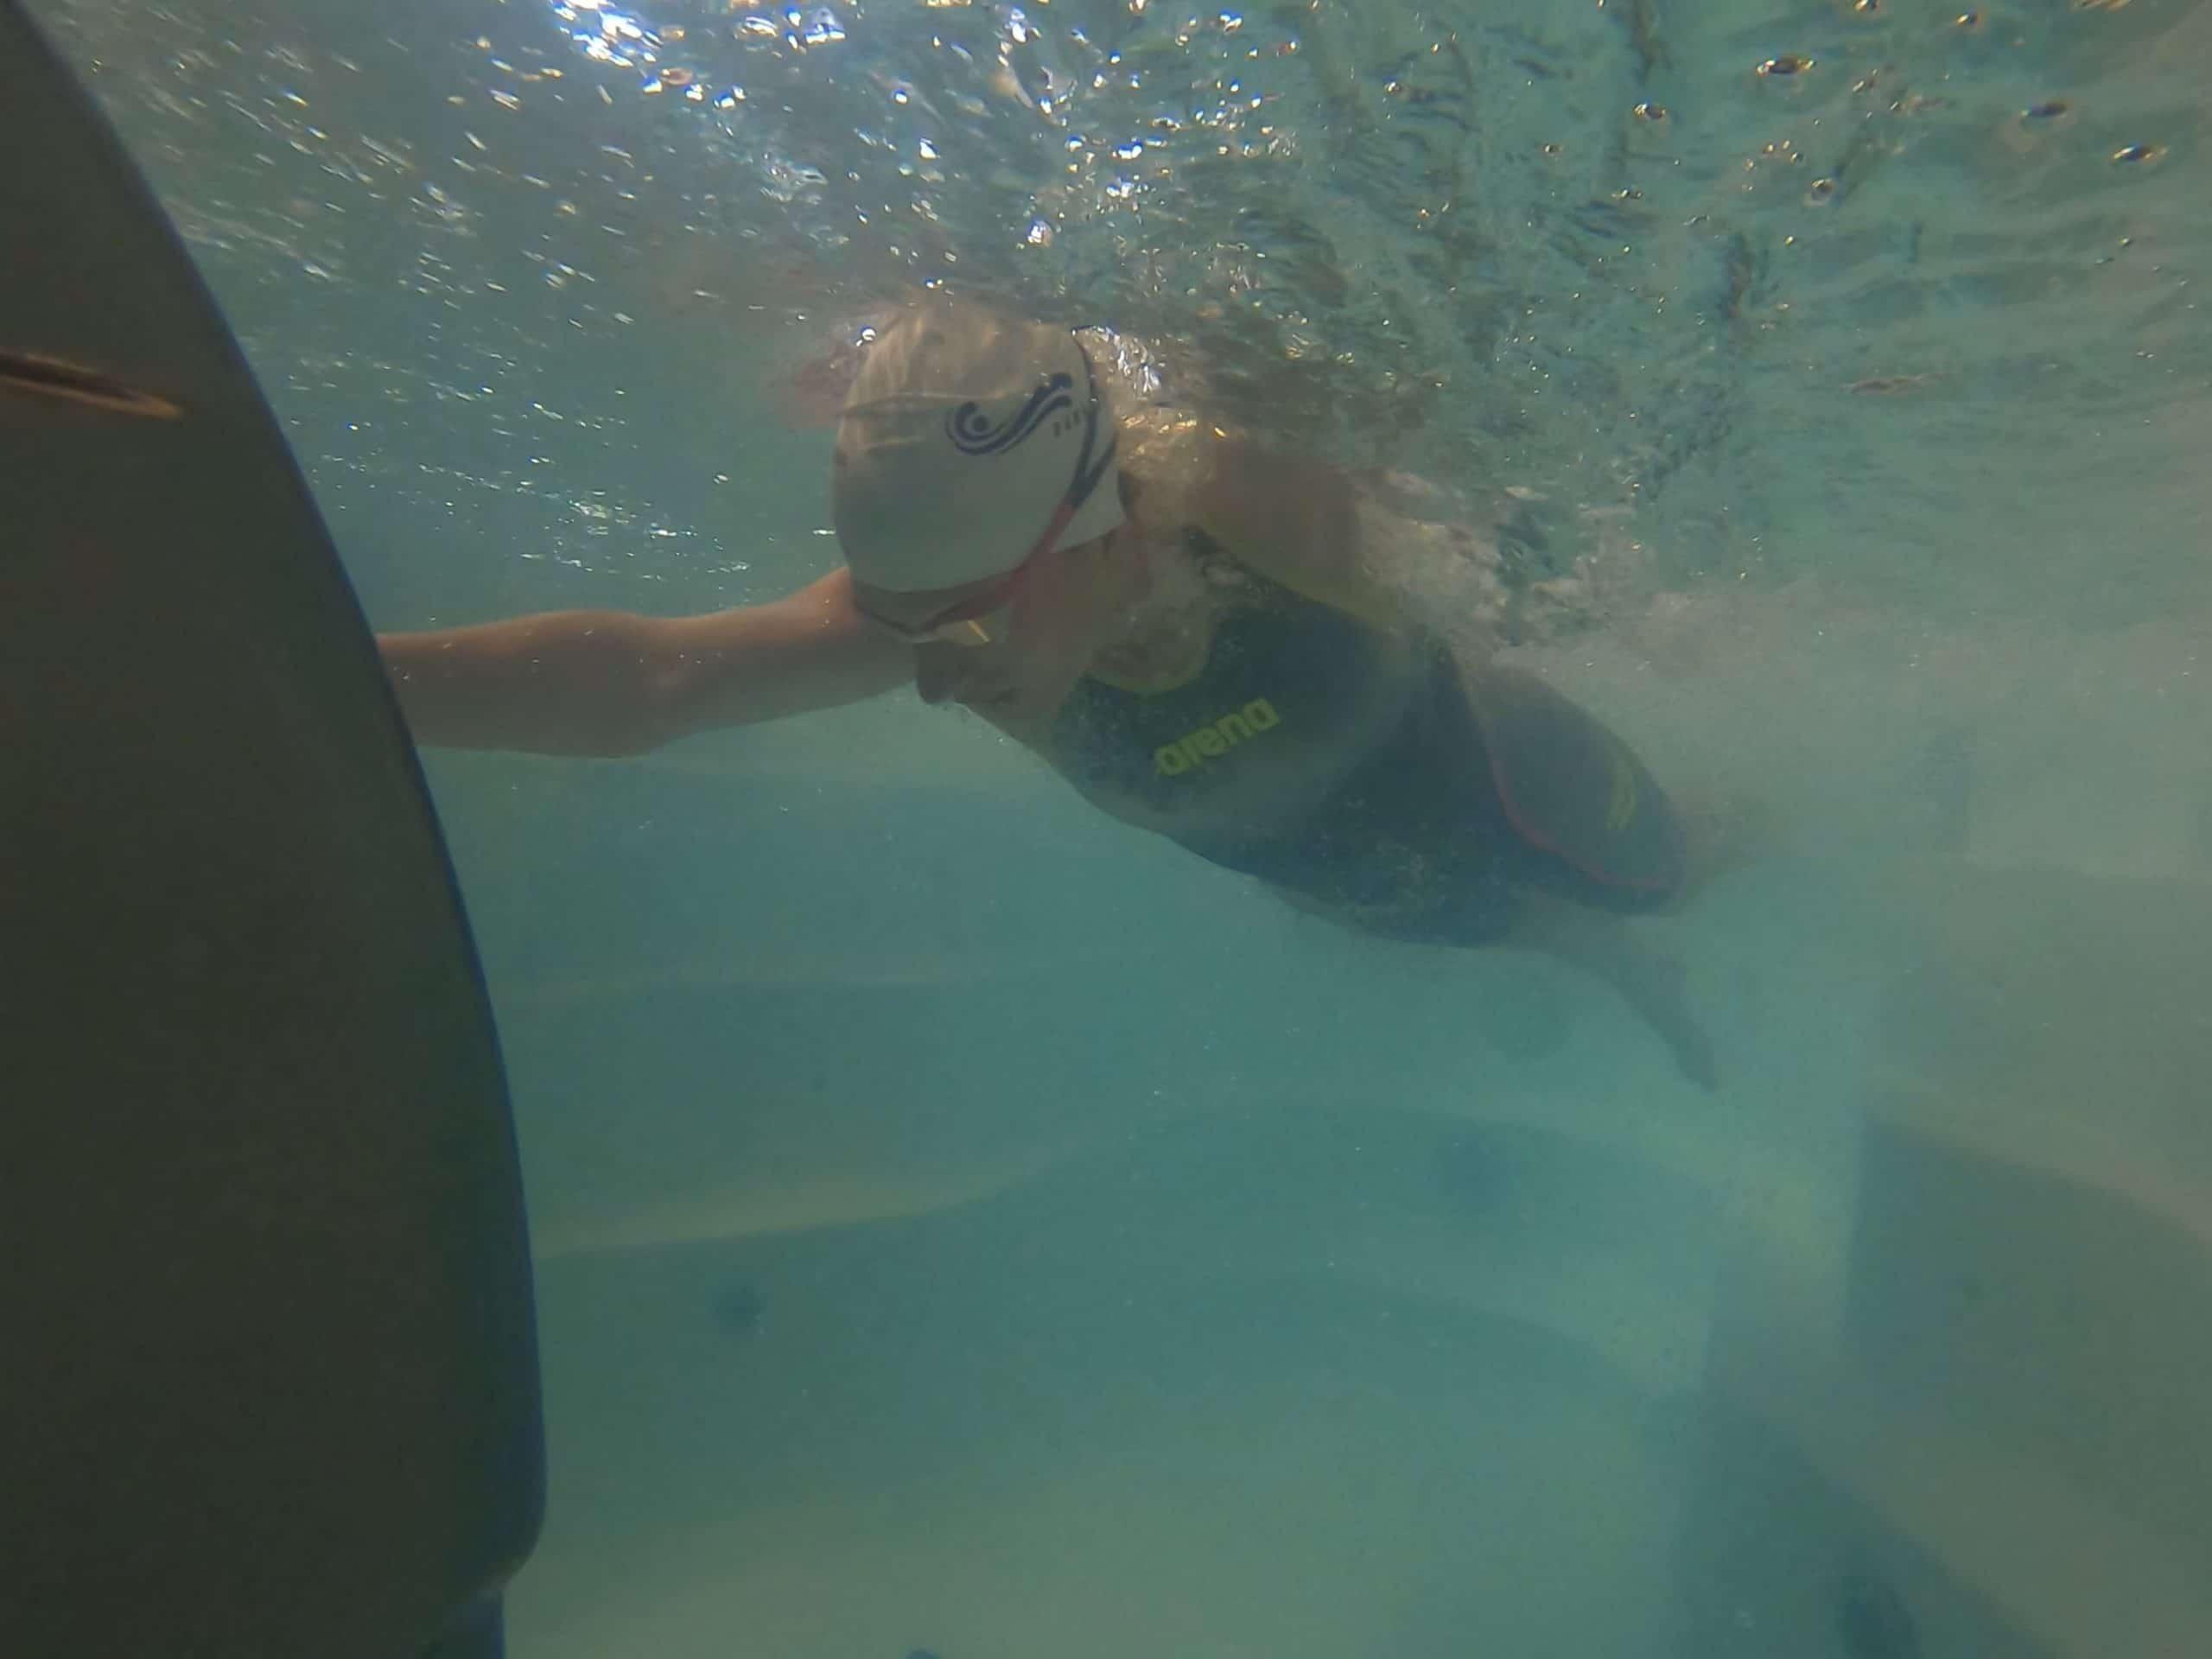 Zwemmen Endless Pool Zwemspullen